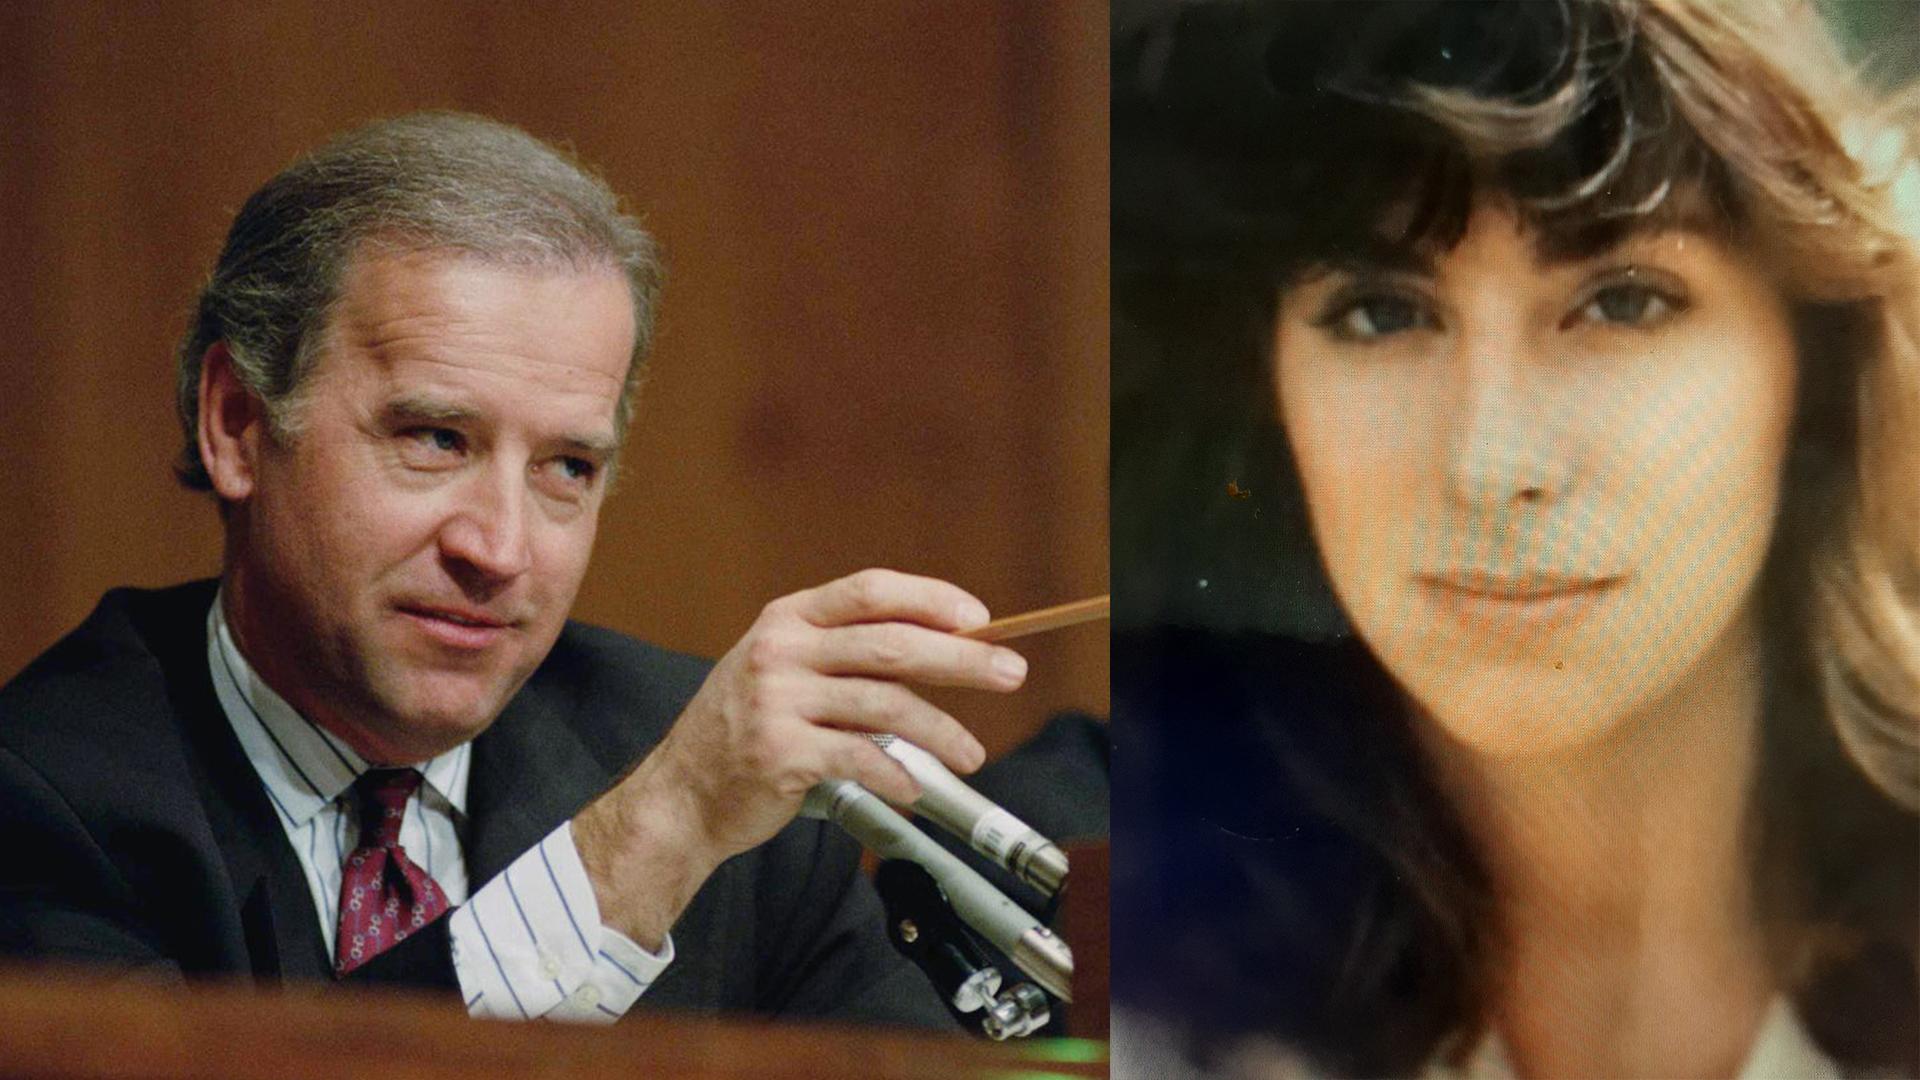 EXCLUSIVO de NewsBusters: Tara Reade exige que la prensa cuestione a Harris sobre acusadores de Biden